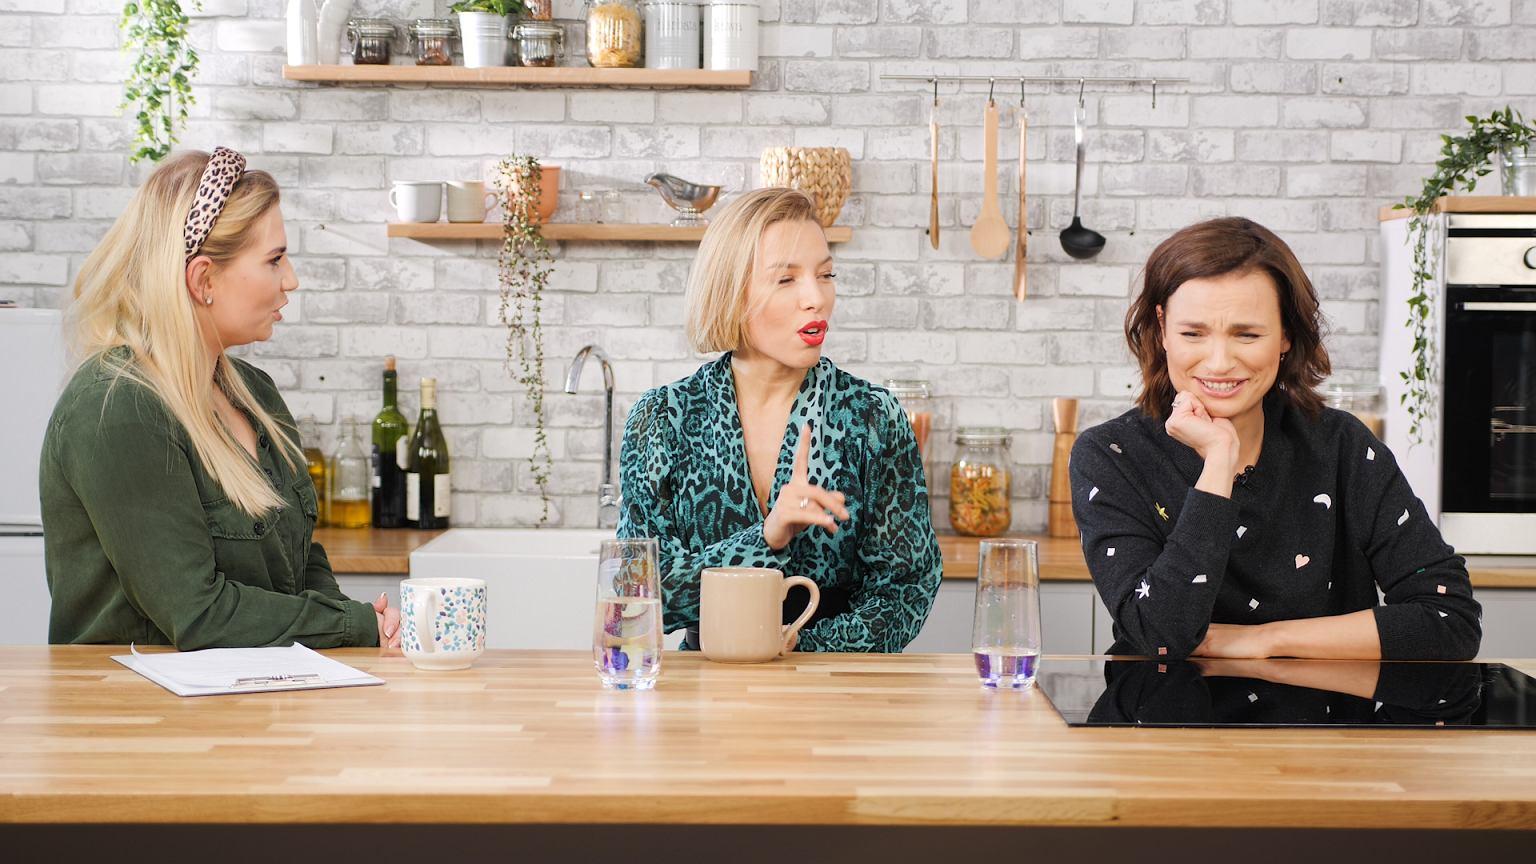 [TYLKO U NAS] Ewa Chodakowska i Ania Starmach o minusach popularności. Ewa: